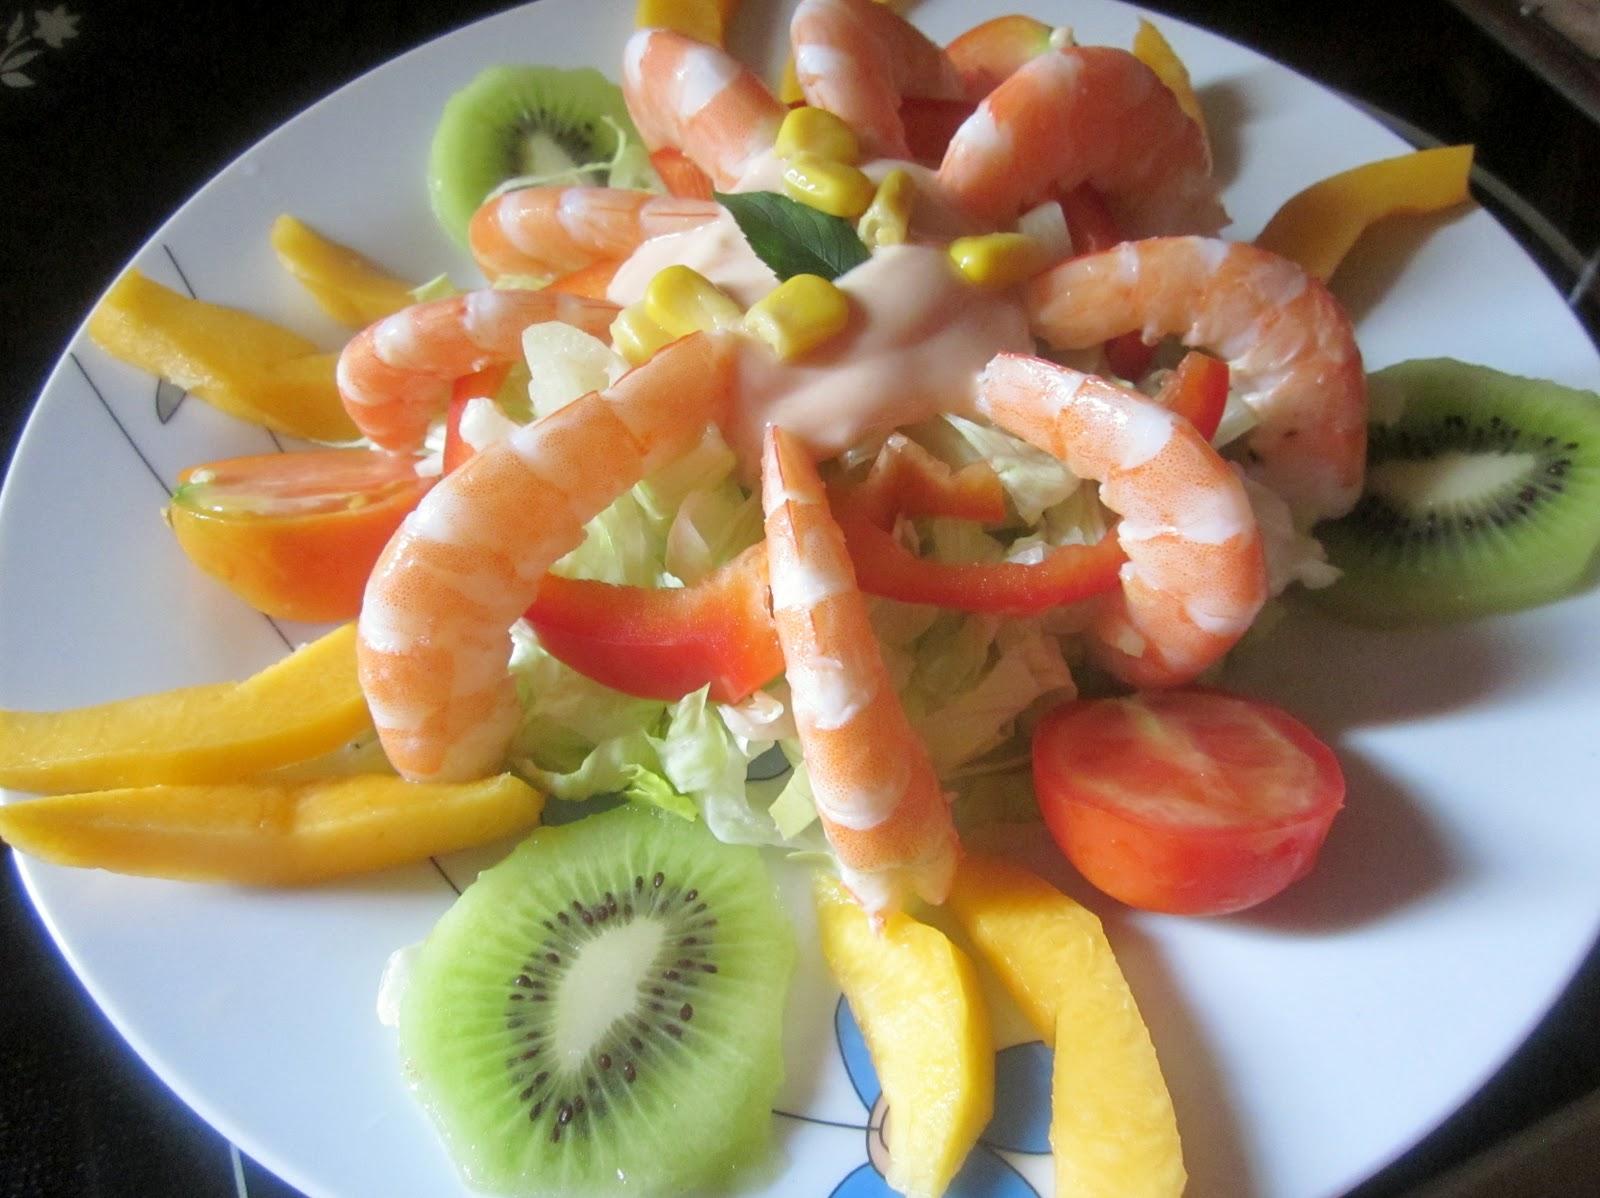 Ensalada de langostinos y fruta cocina con reina - Ensalada de langostinos ...